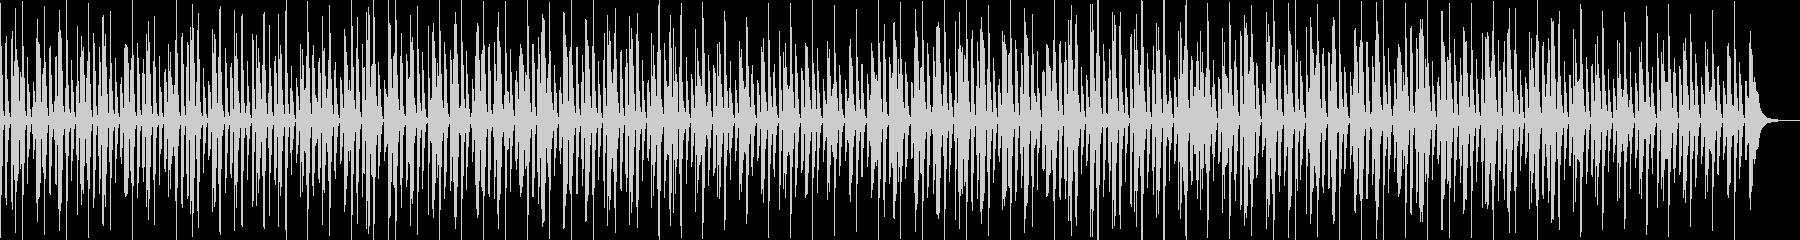 楽しいトランペット・明るいポップスの未再生の波形